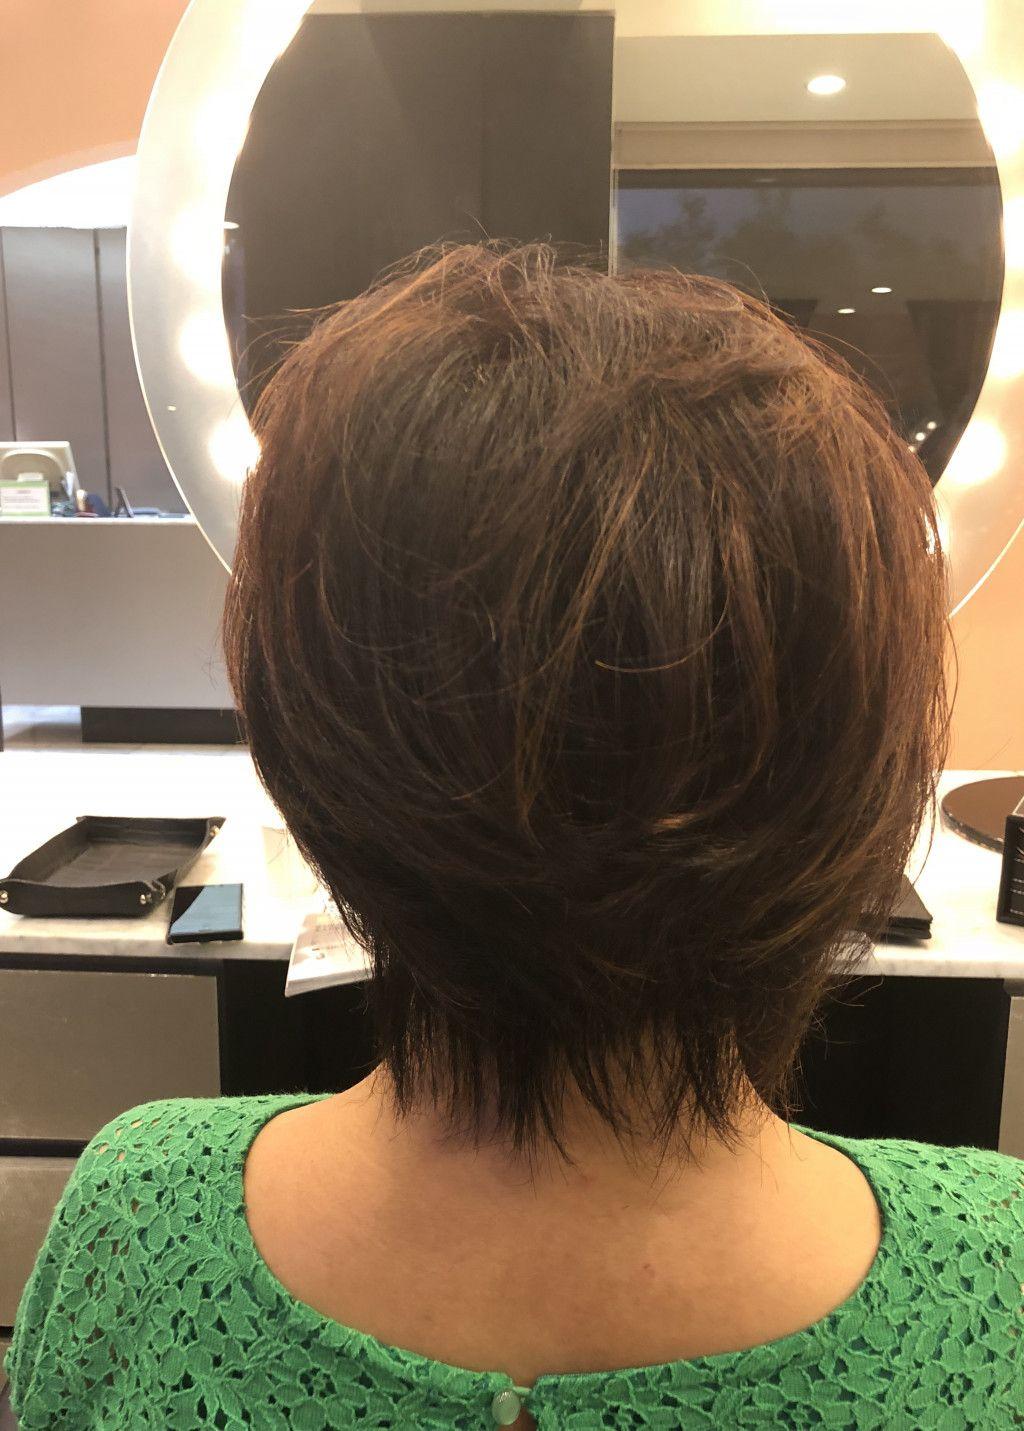 60代女性の髪型 ショートヘア ボブの人気カタログ50選 画像あり